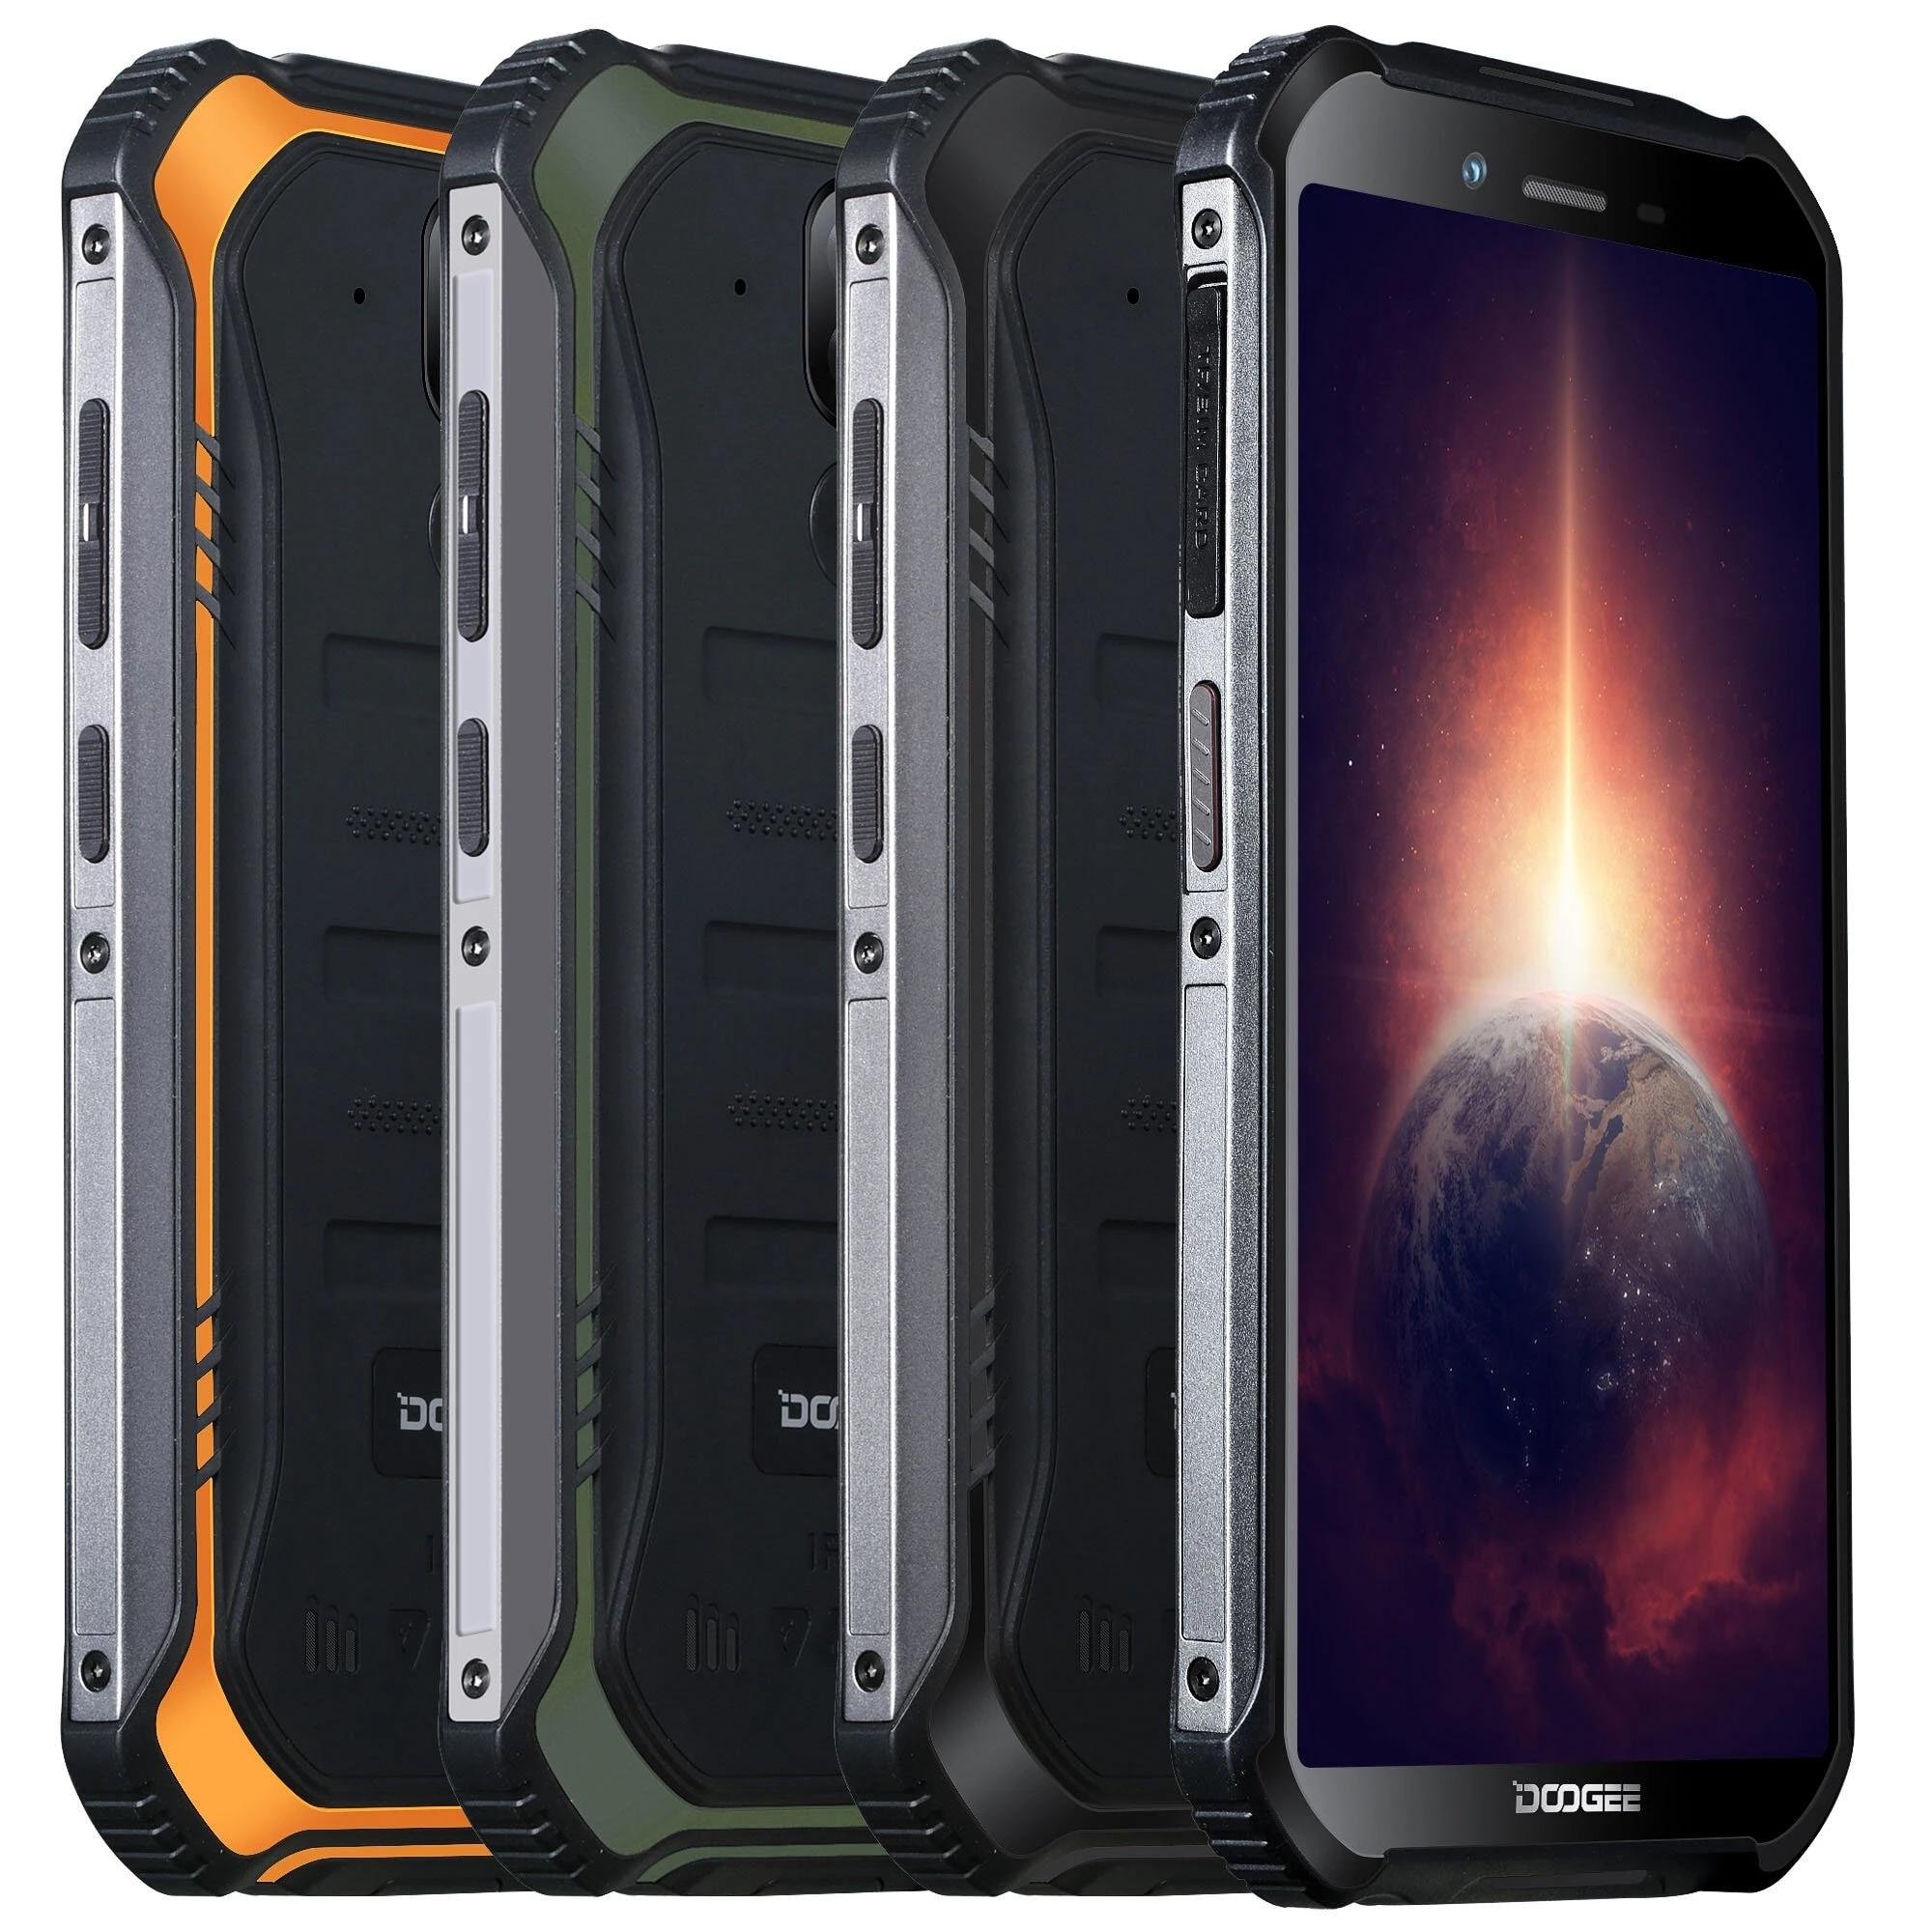 DOOGEE S40 Pro глобальная версия 5,45 дюймов IP68/IP69K Водонепроницаемая NFC Android 10,0 4650mAh 13MP двойная задняя камера 4 Гб 64 Гб Helio A25